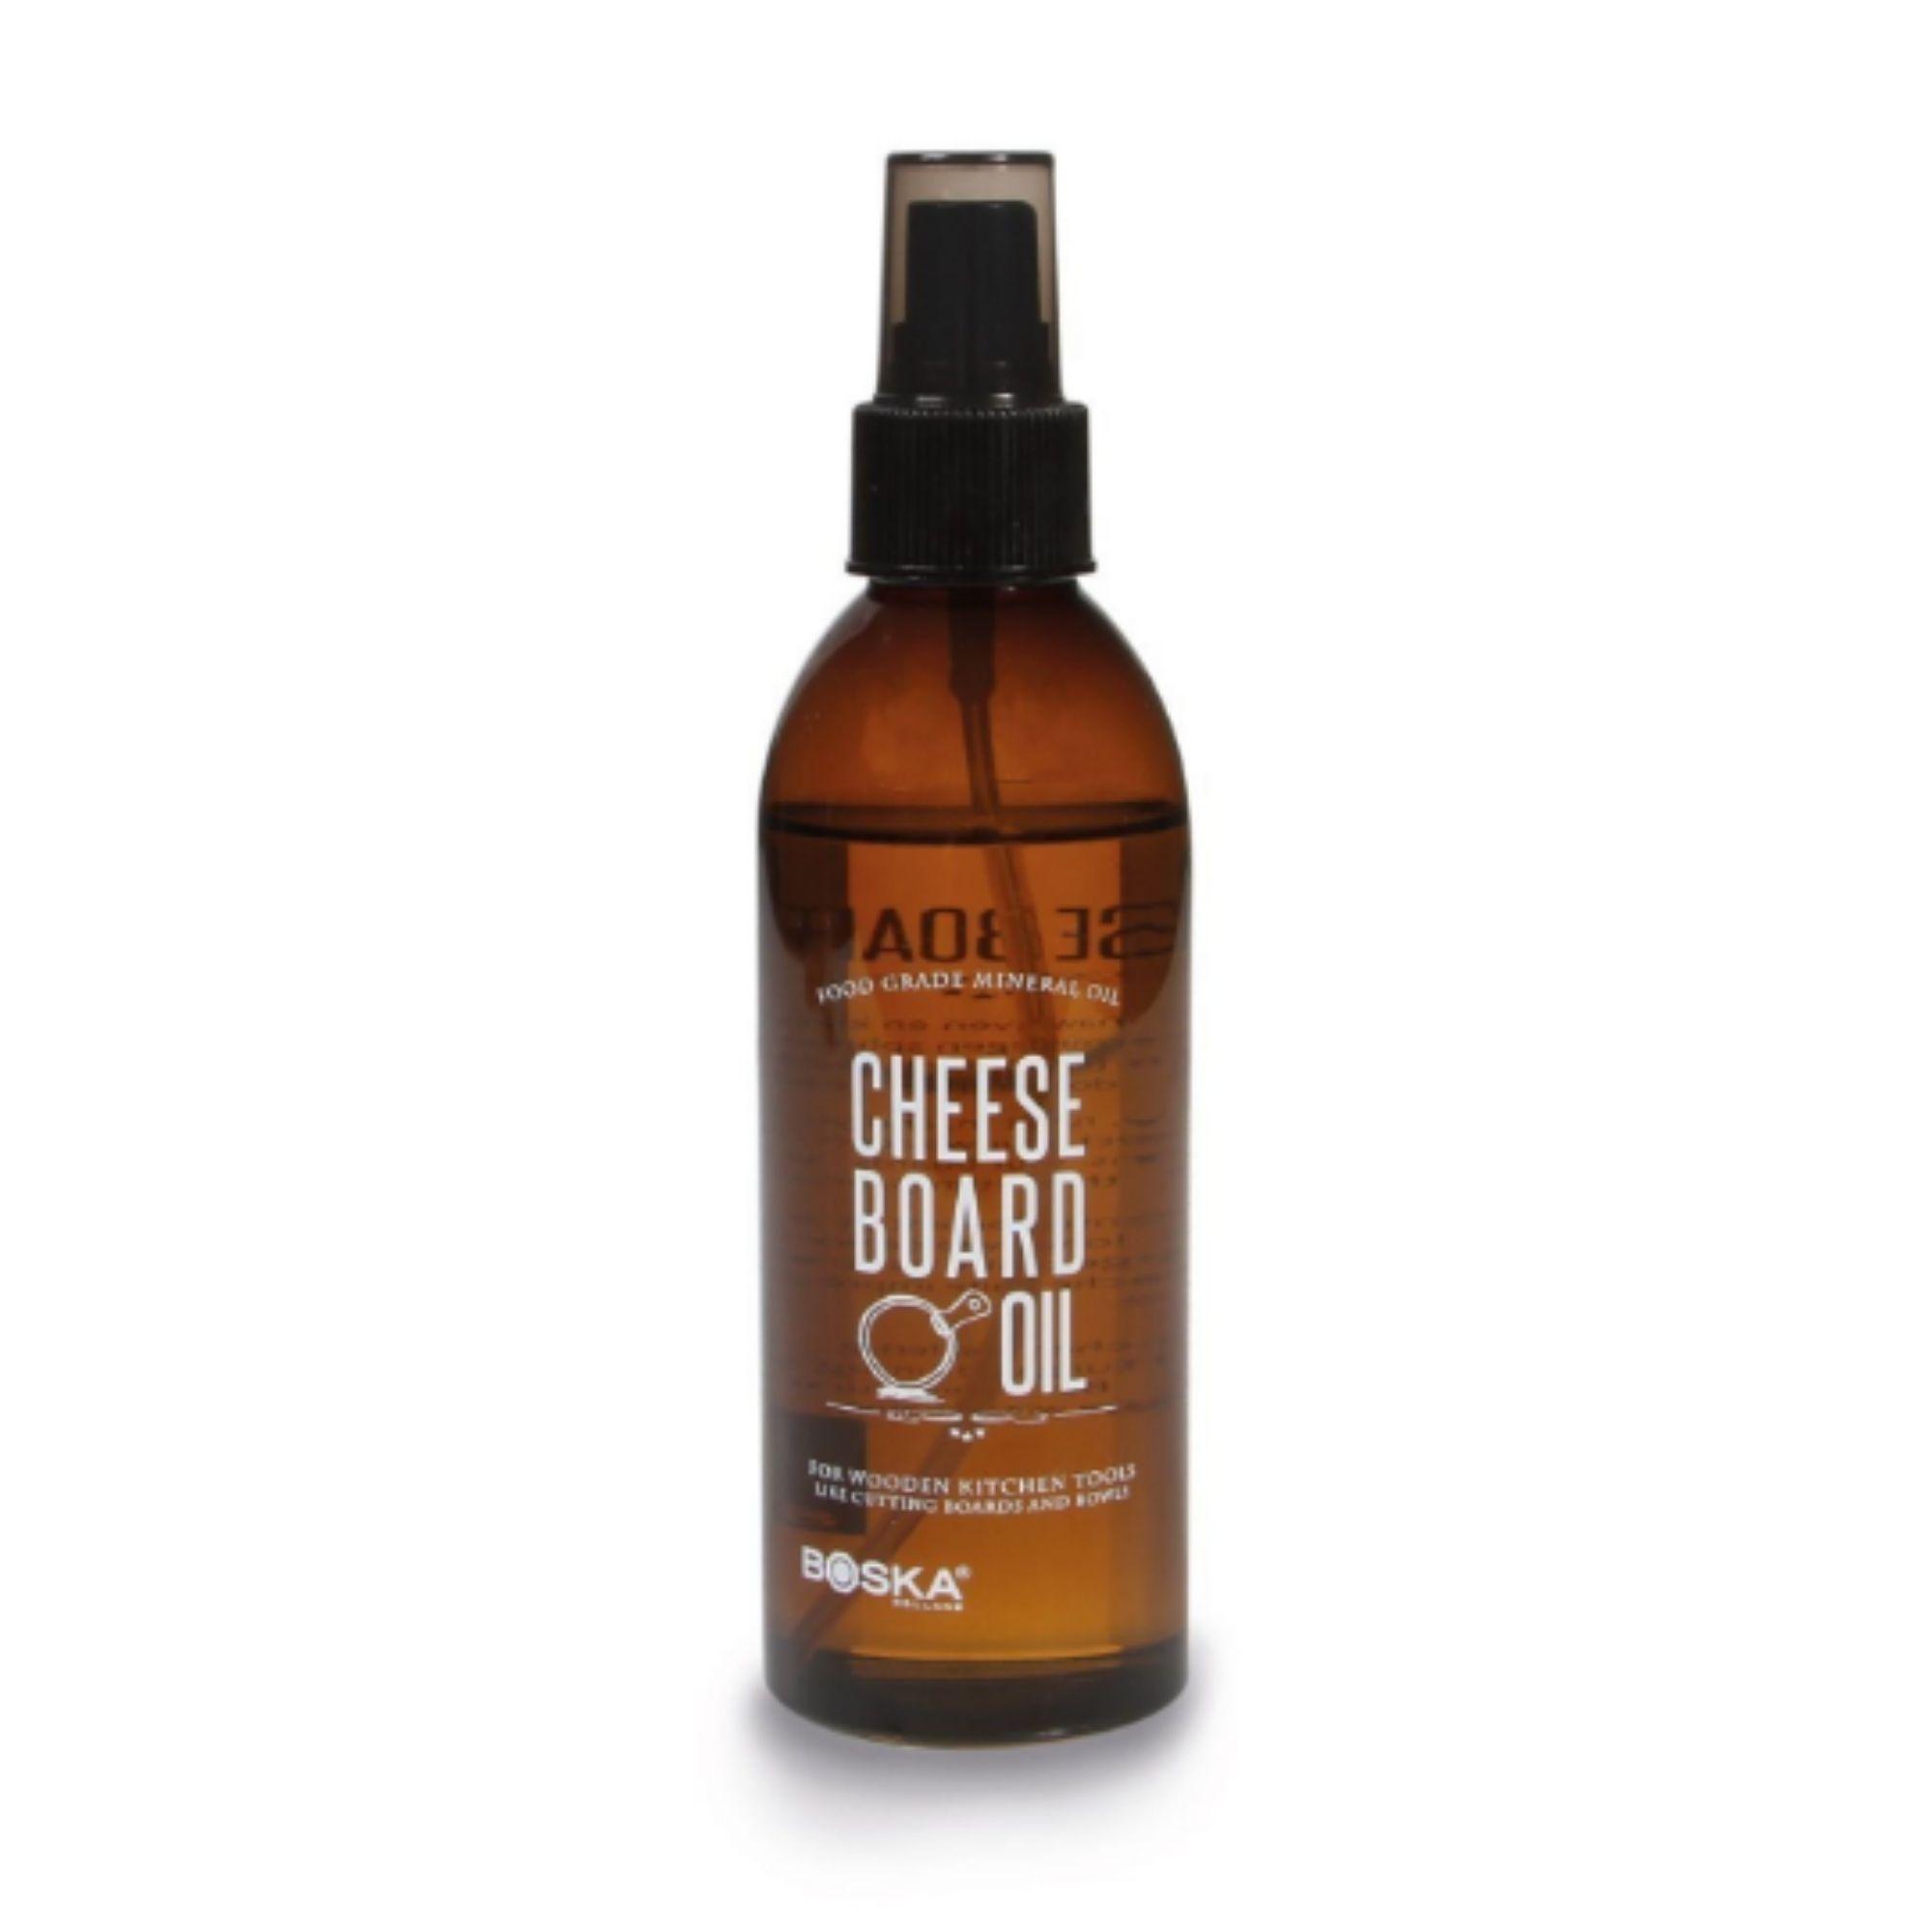 Pflegeöl für Holzbretter und Schieferbretter - in praktischer Sprühflasche - geschmacks- und geruchsneutral